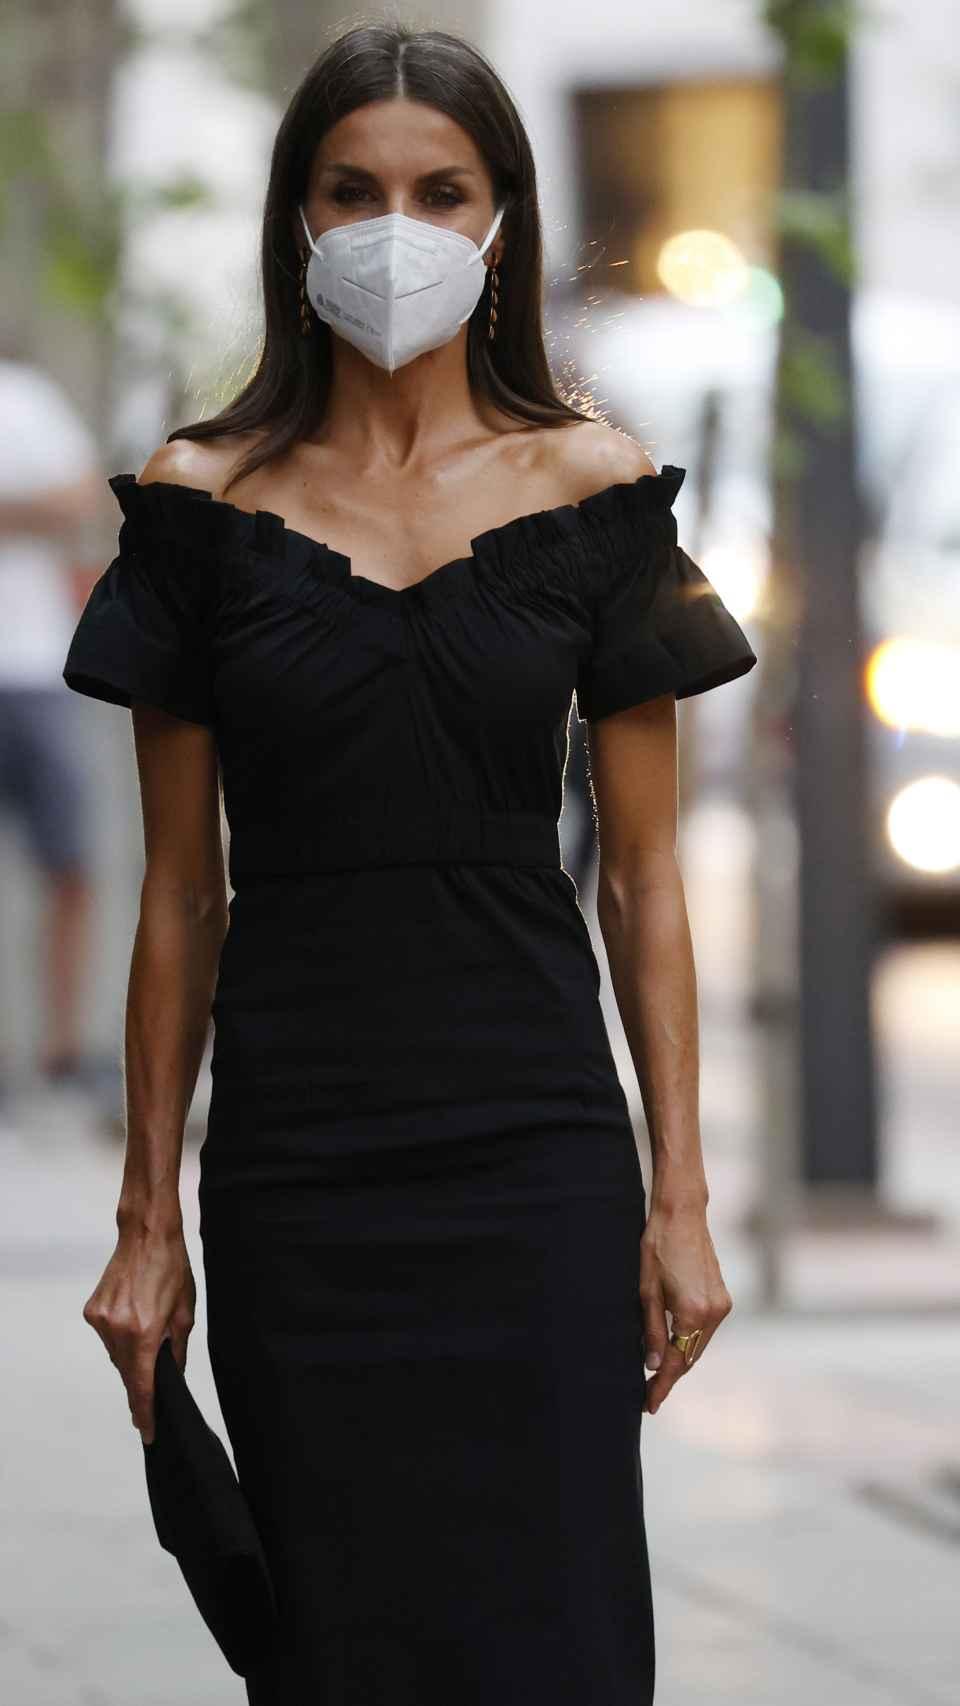 La reina Letizia, durante un acto celebrado en Madrid el pasado 6 de septiembre.